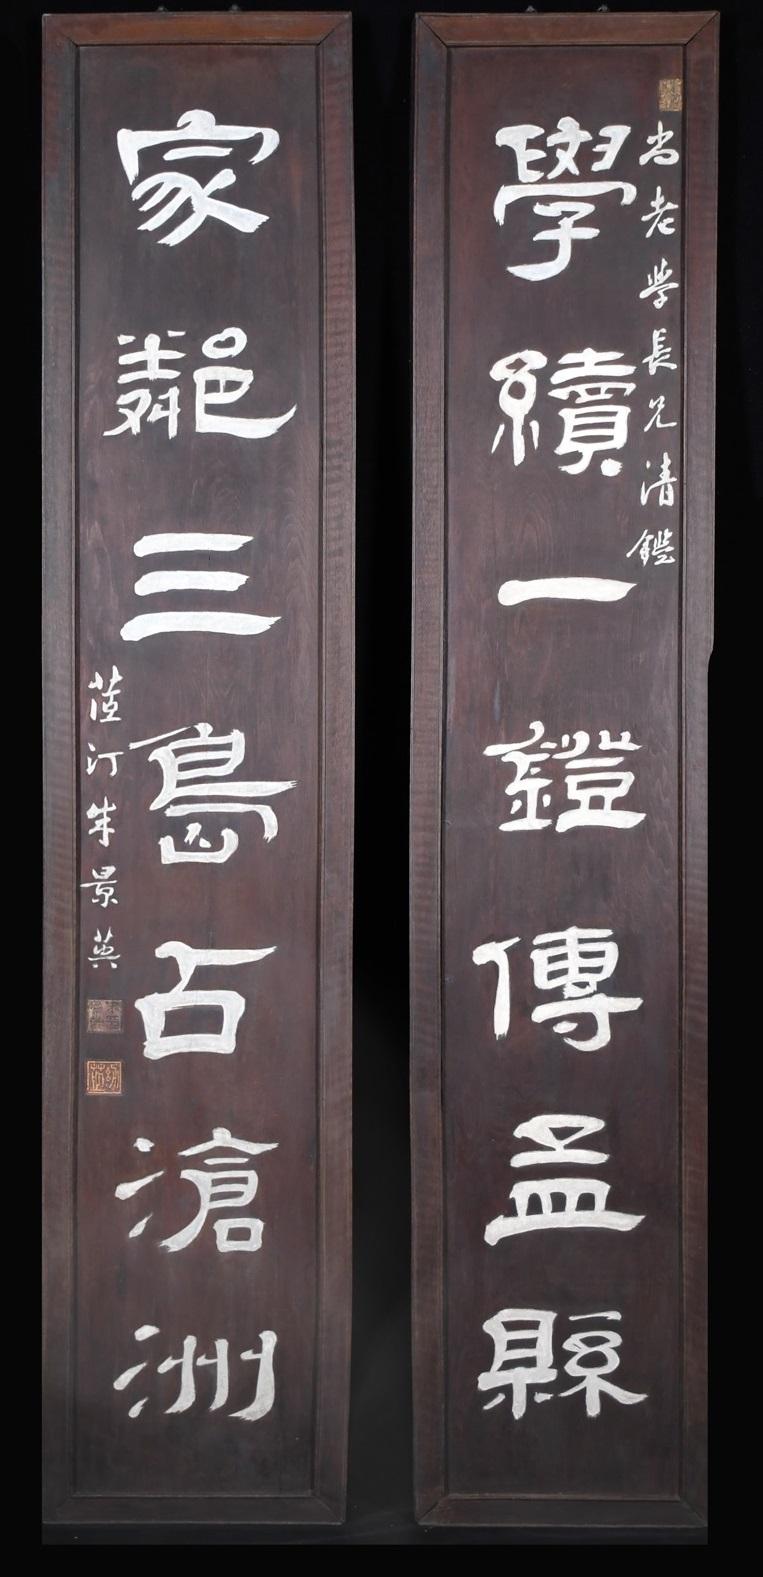 臺文館年代最久的館藏,乾隆年間朱景英的木刻對聯首次展出